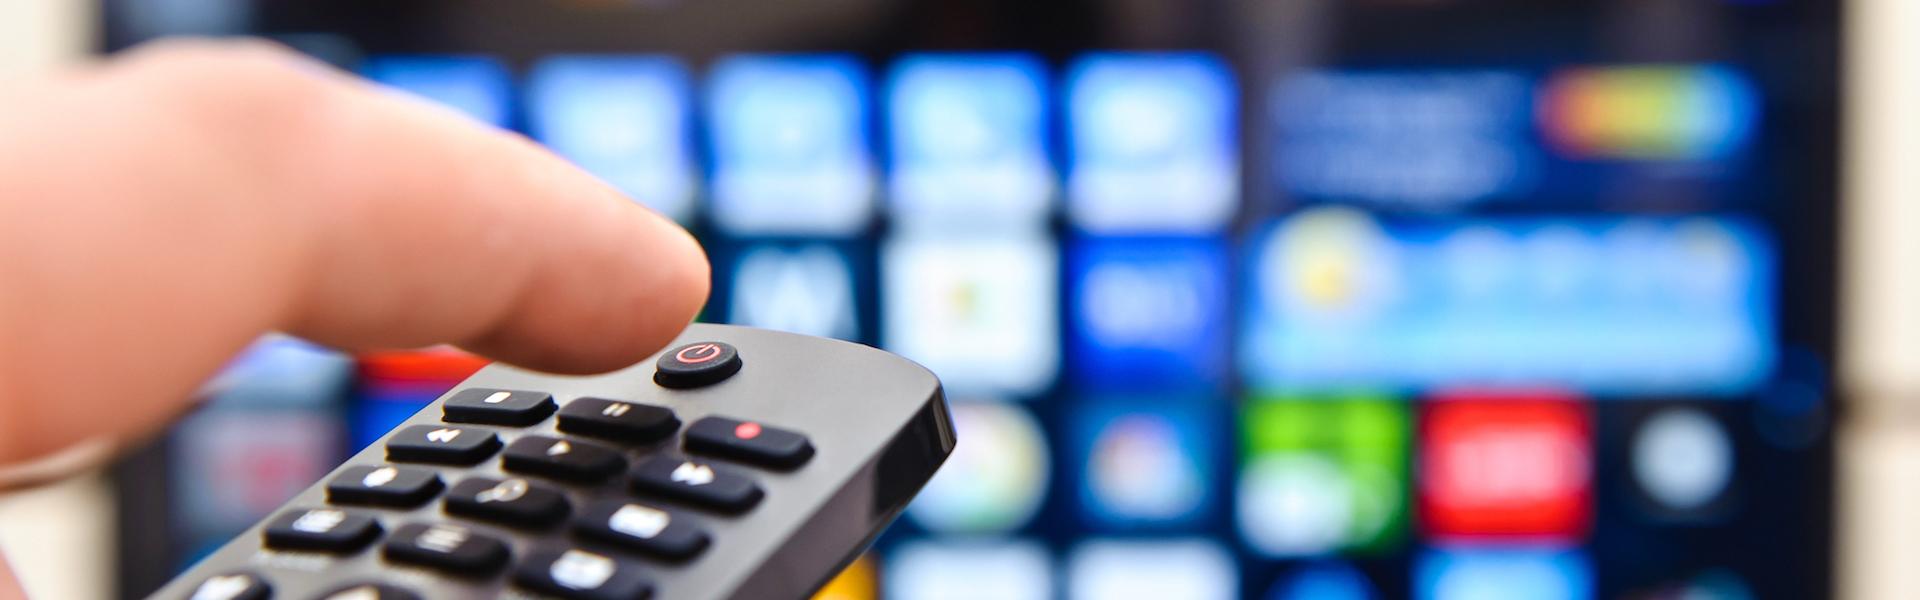 Die Verschmelzung von Internet und TV